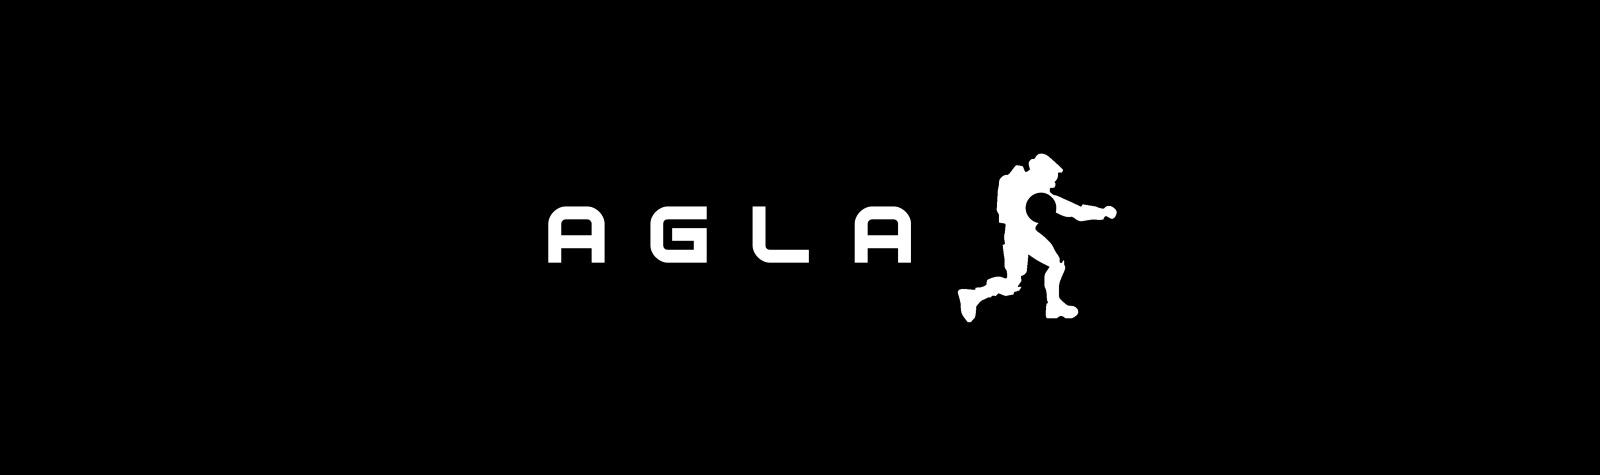 AGLA Spring 2019 League